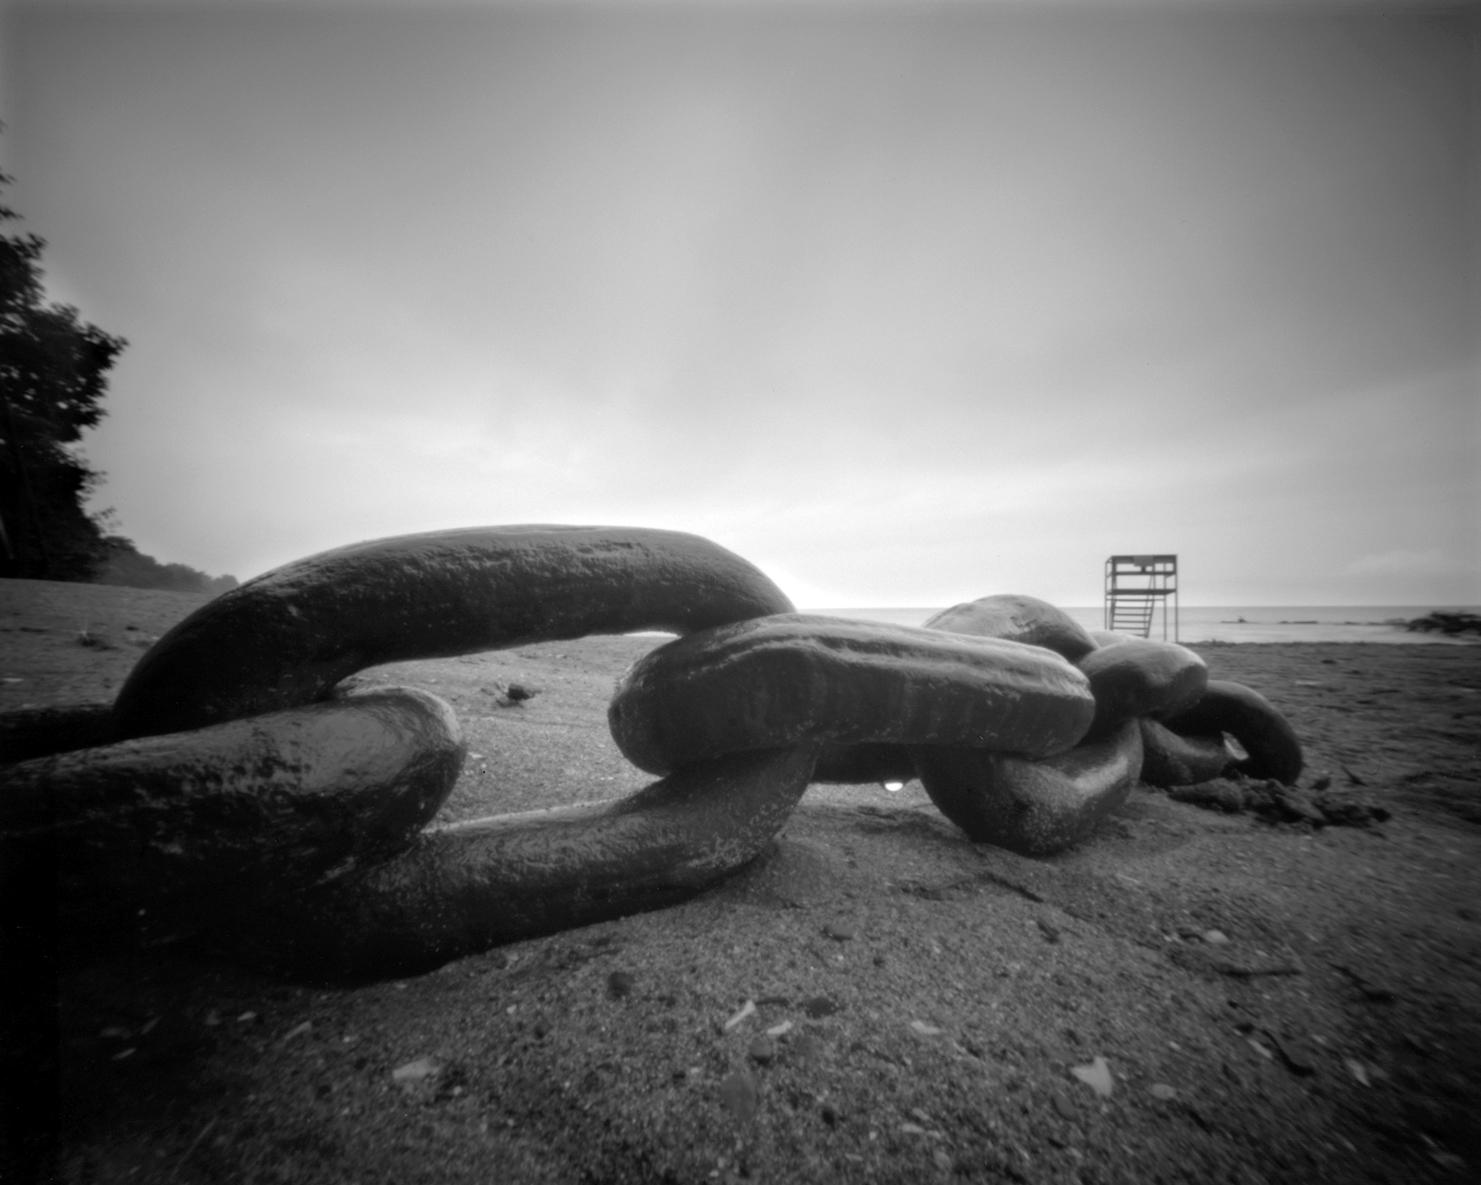 Beach chain